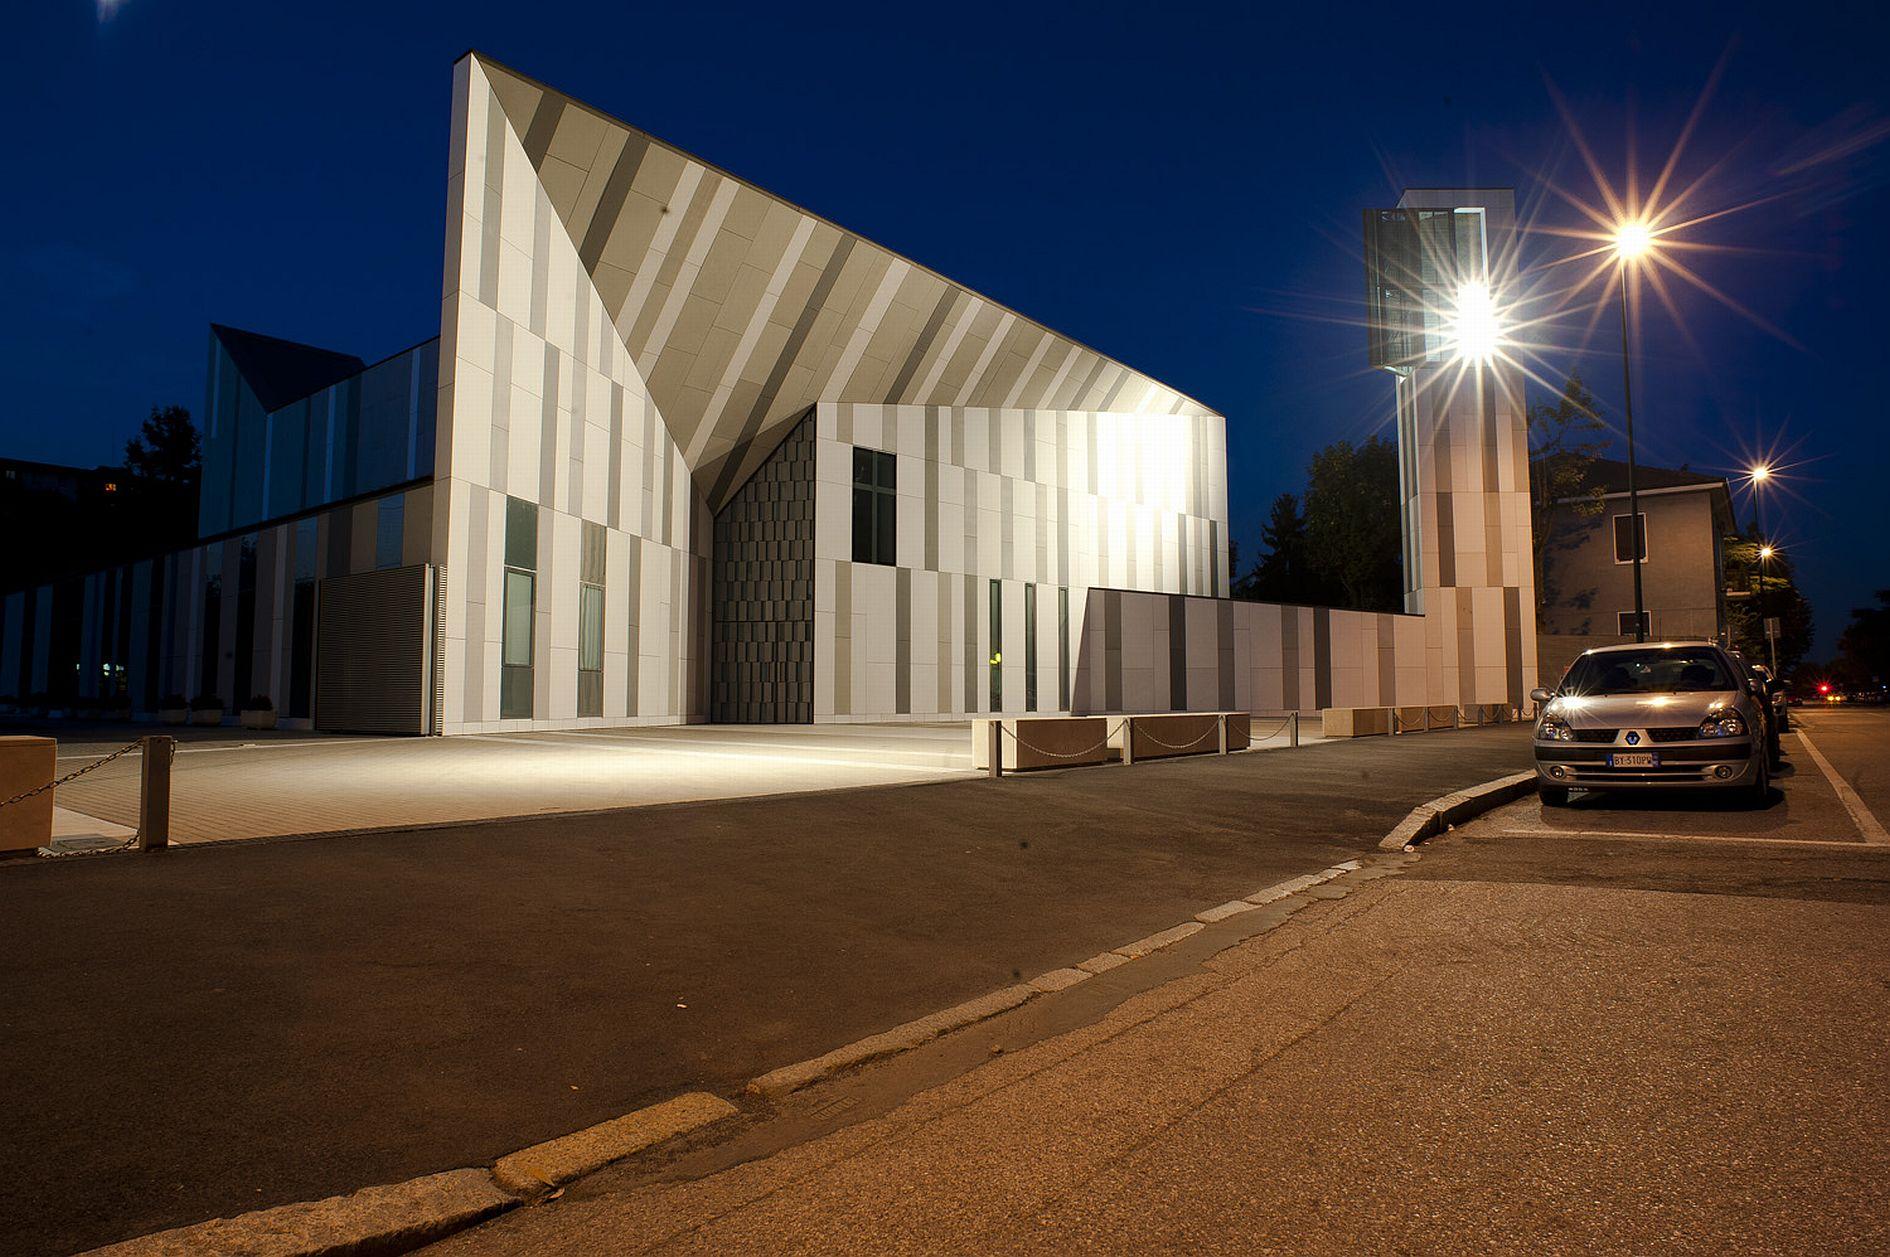 Sesto san giovanni l 39 illuminazione per la nuova chiesa for On off illuminazione milano